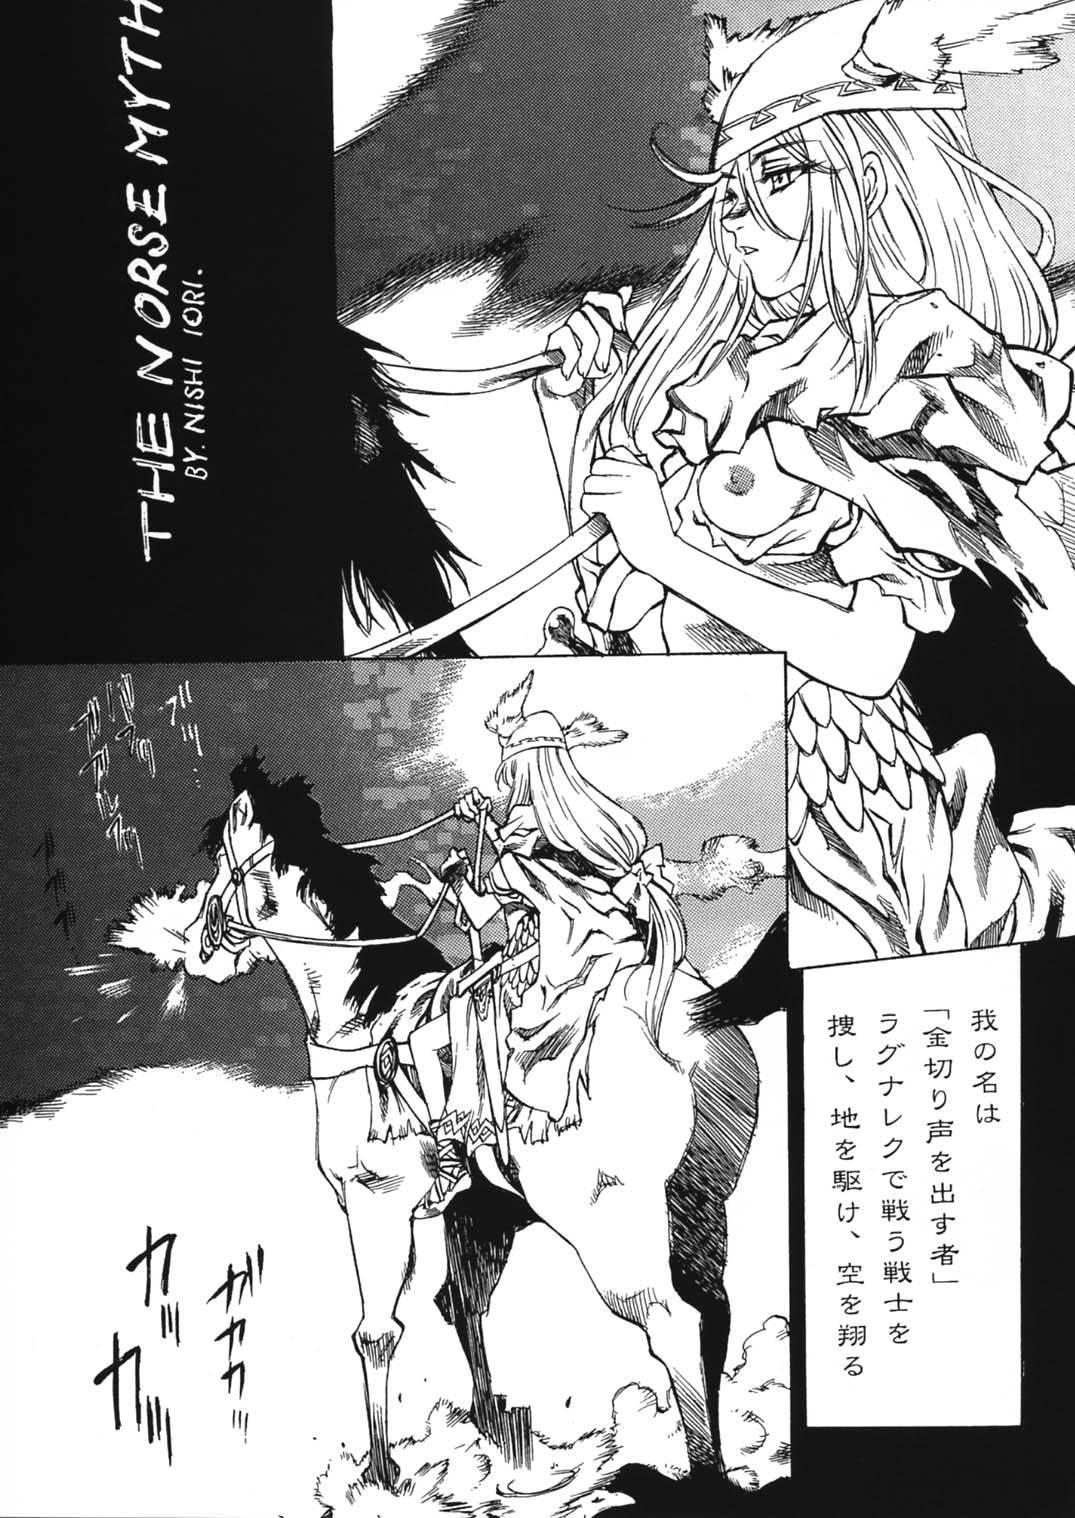 Ikusa Otome Kourinsai 32